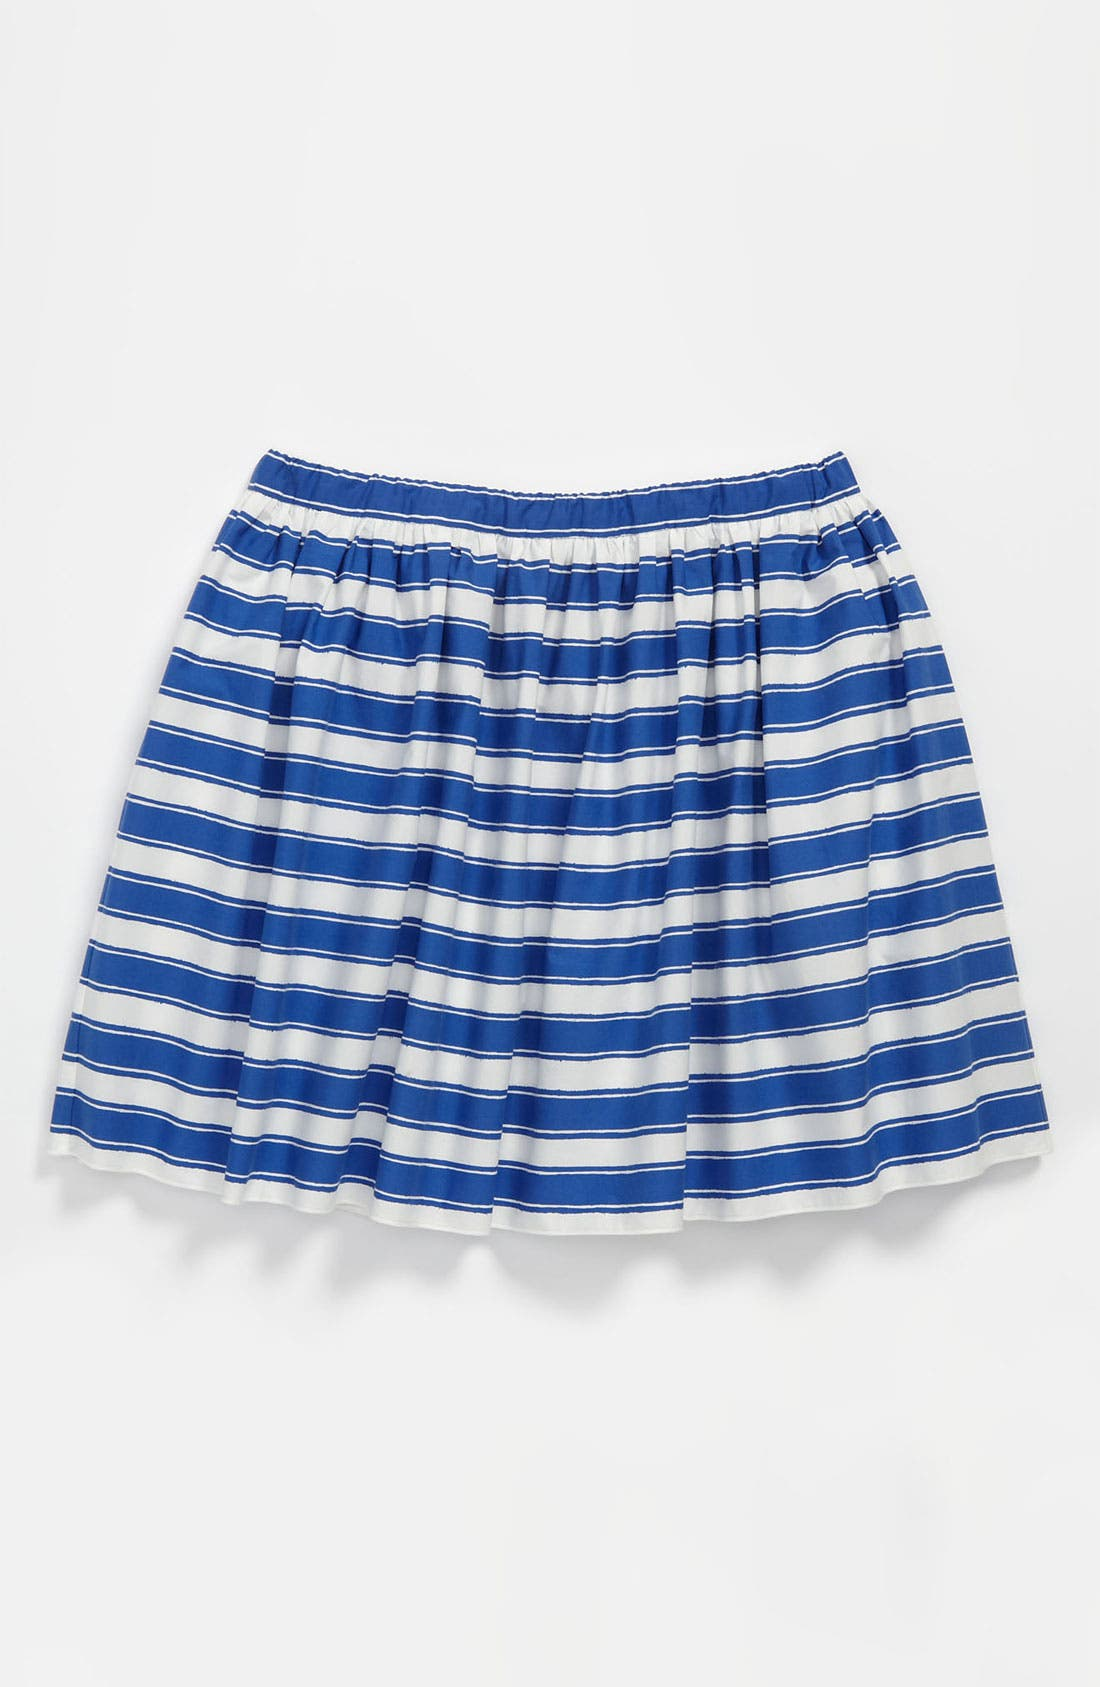 Alternate Image 1 Selected - Dolce&Gabbana Stripe Skirt (Little Girls & Big Girls)